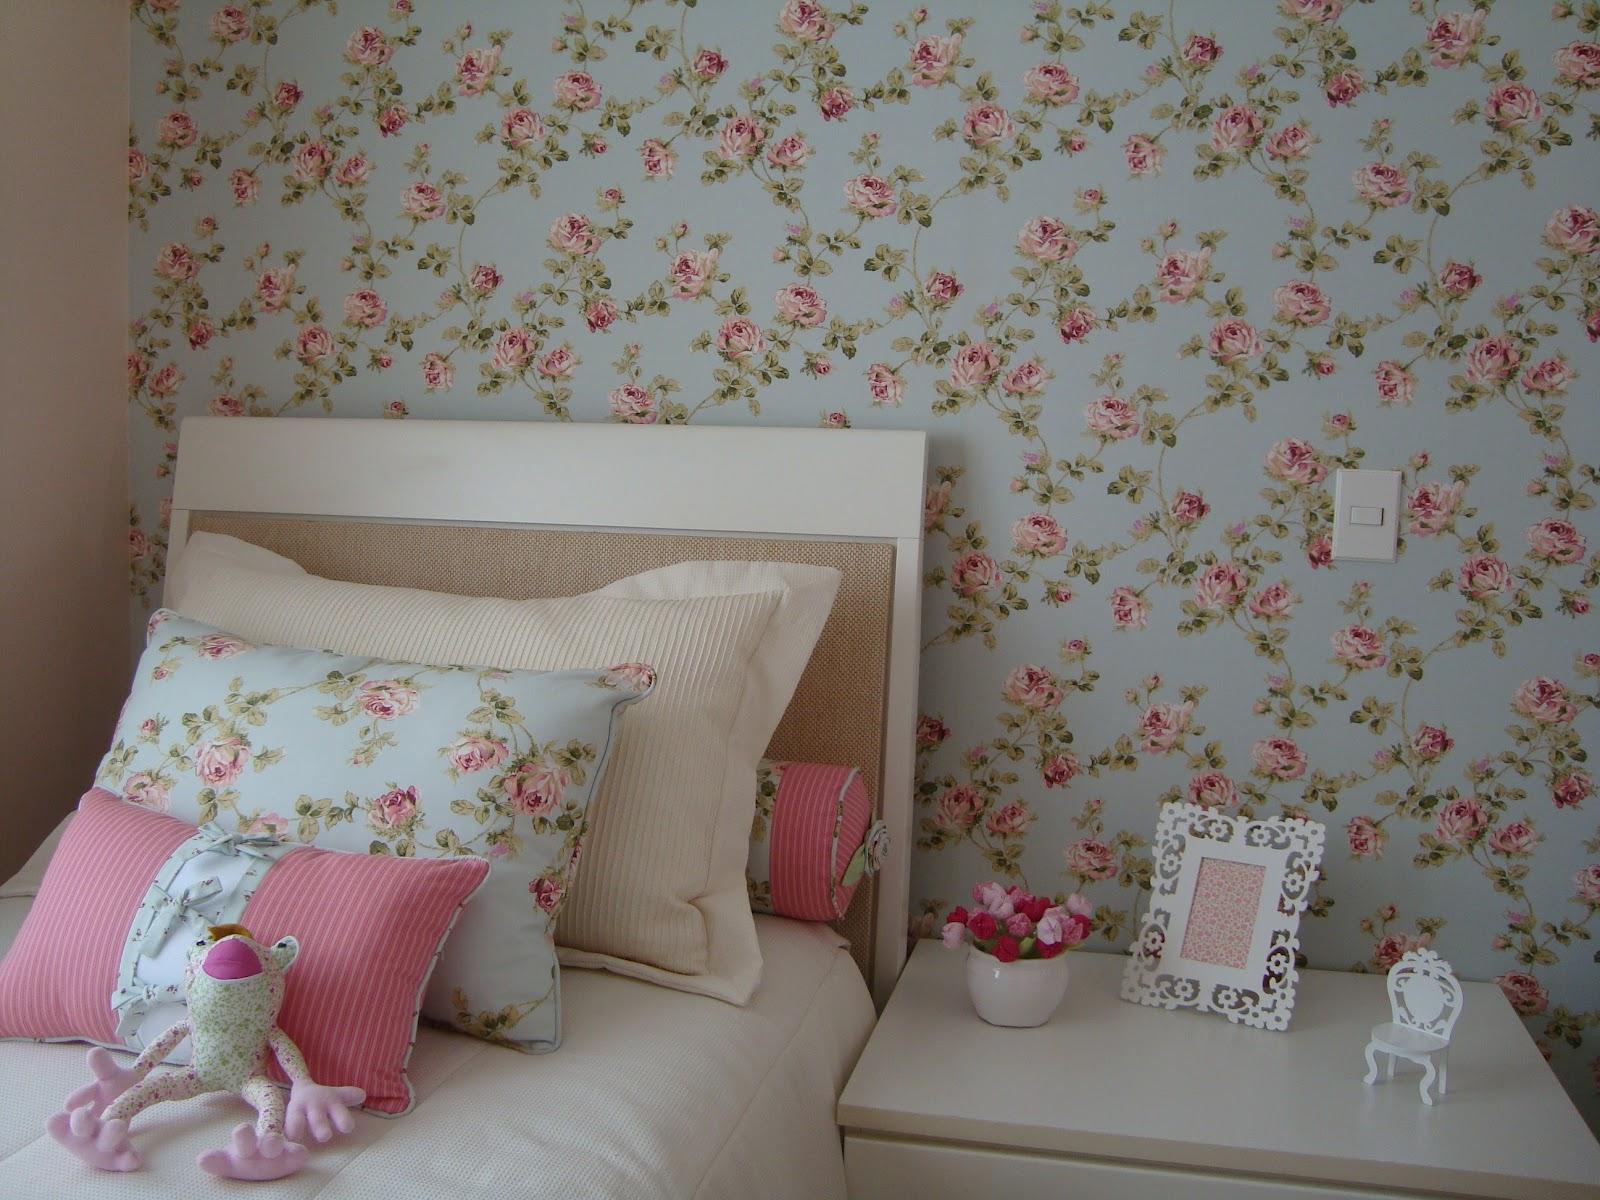 Sala Pequena Com Tecido Na Parede ~ Meninas do Pano Tecido aplicado na parede  Romântico e charmoso